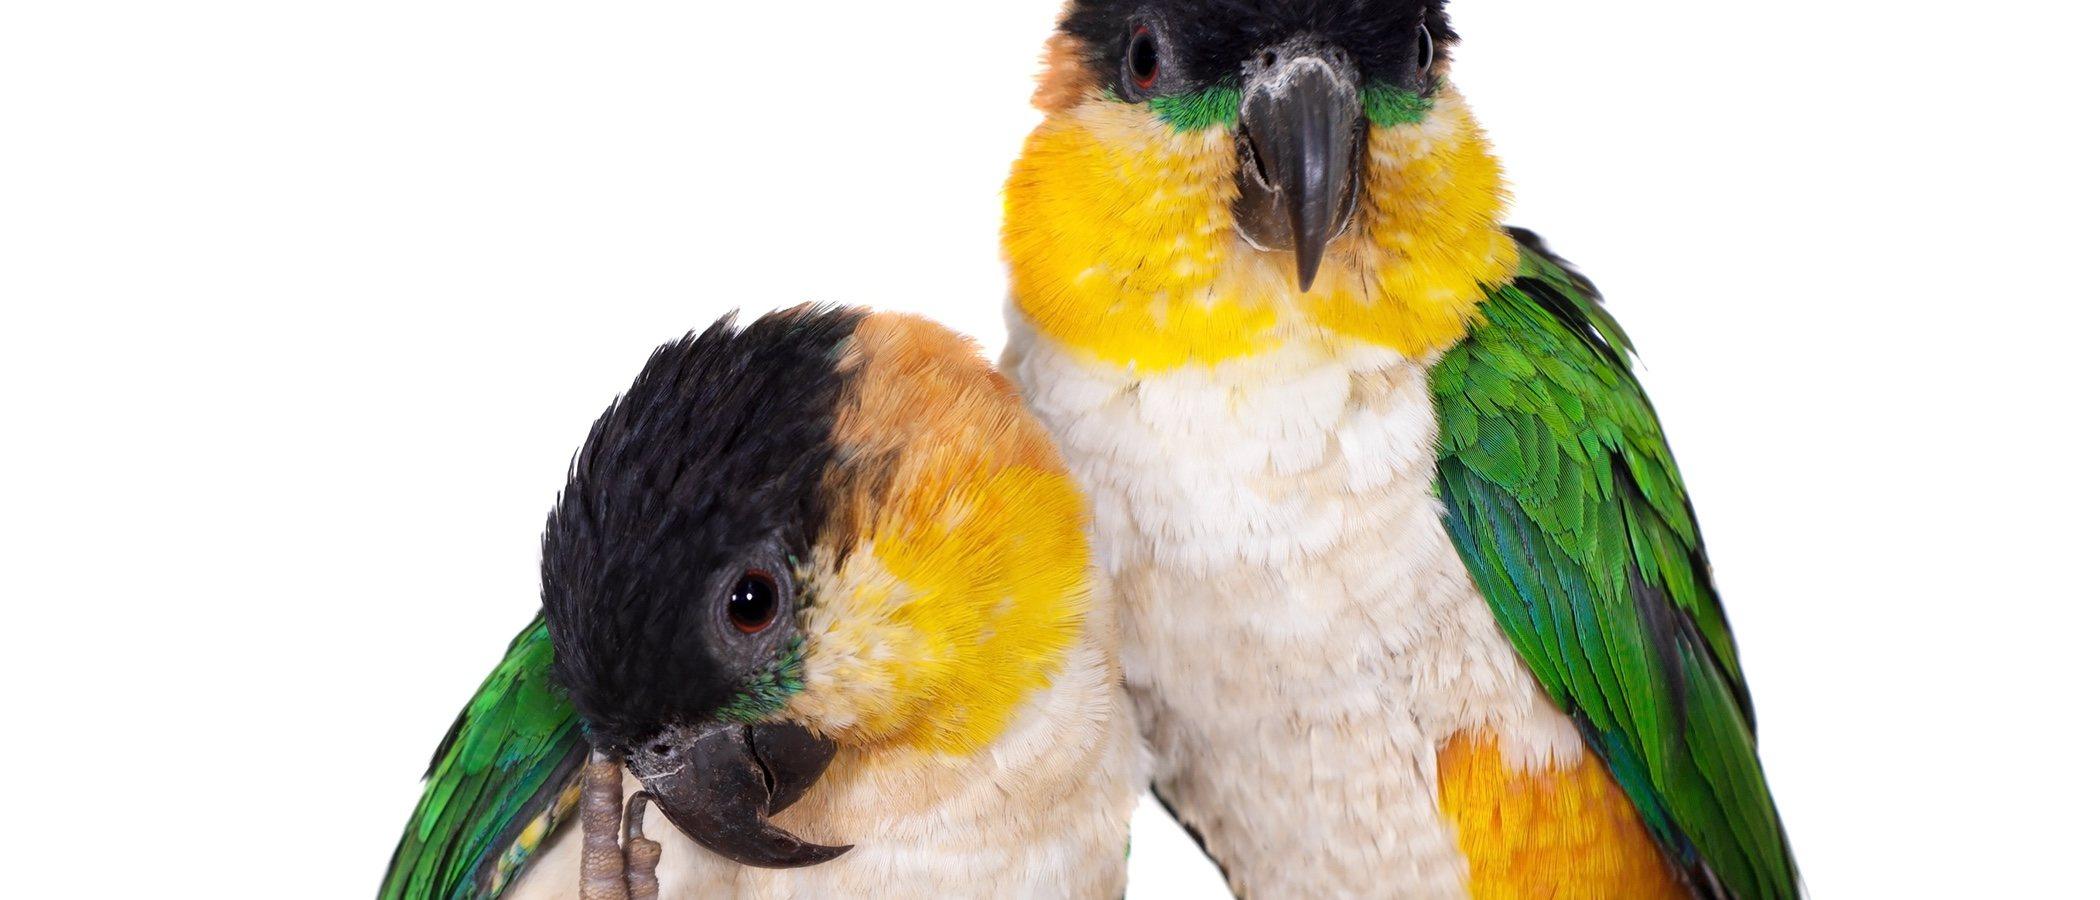 Pionites o caique de cabeza negra: un ave de lo más bonita